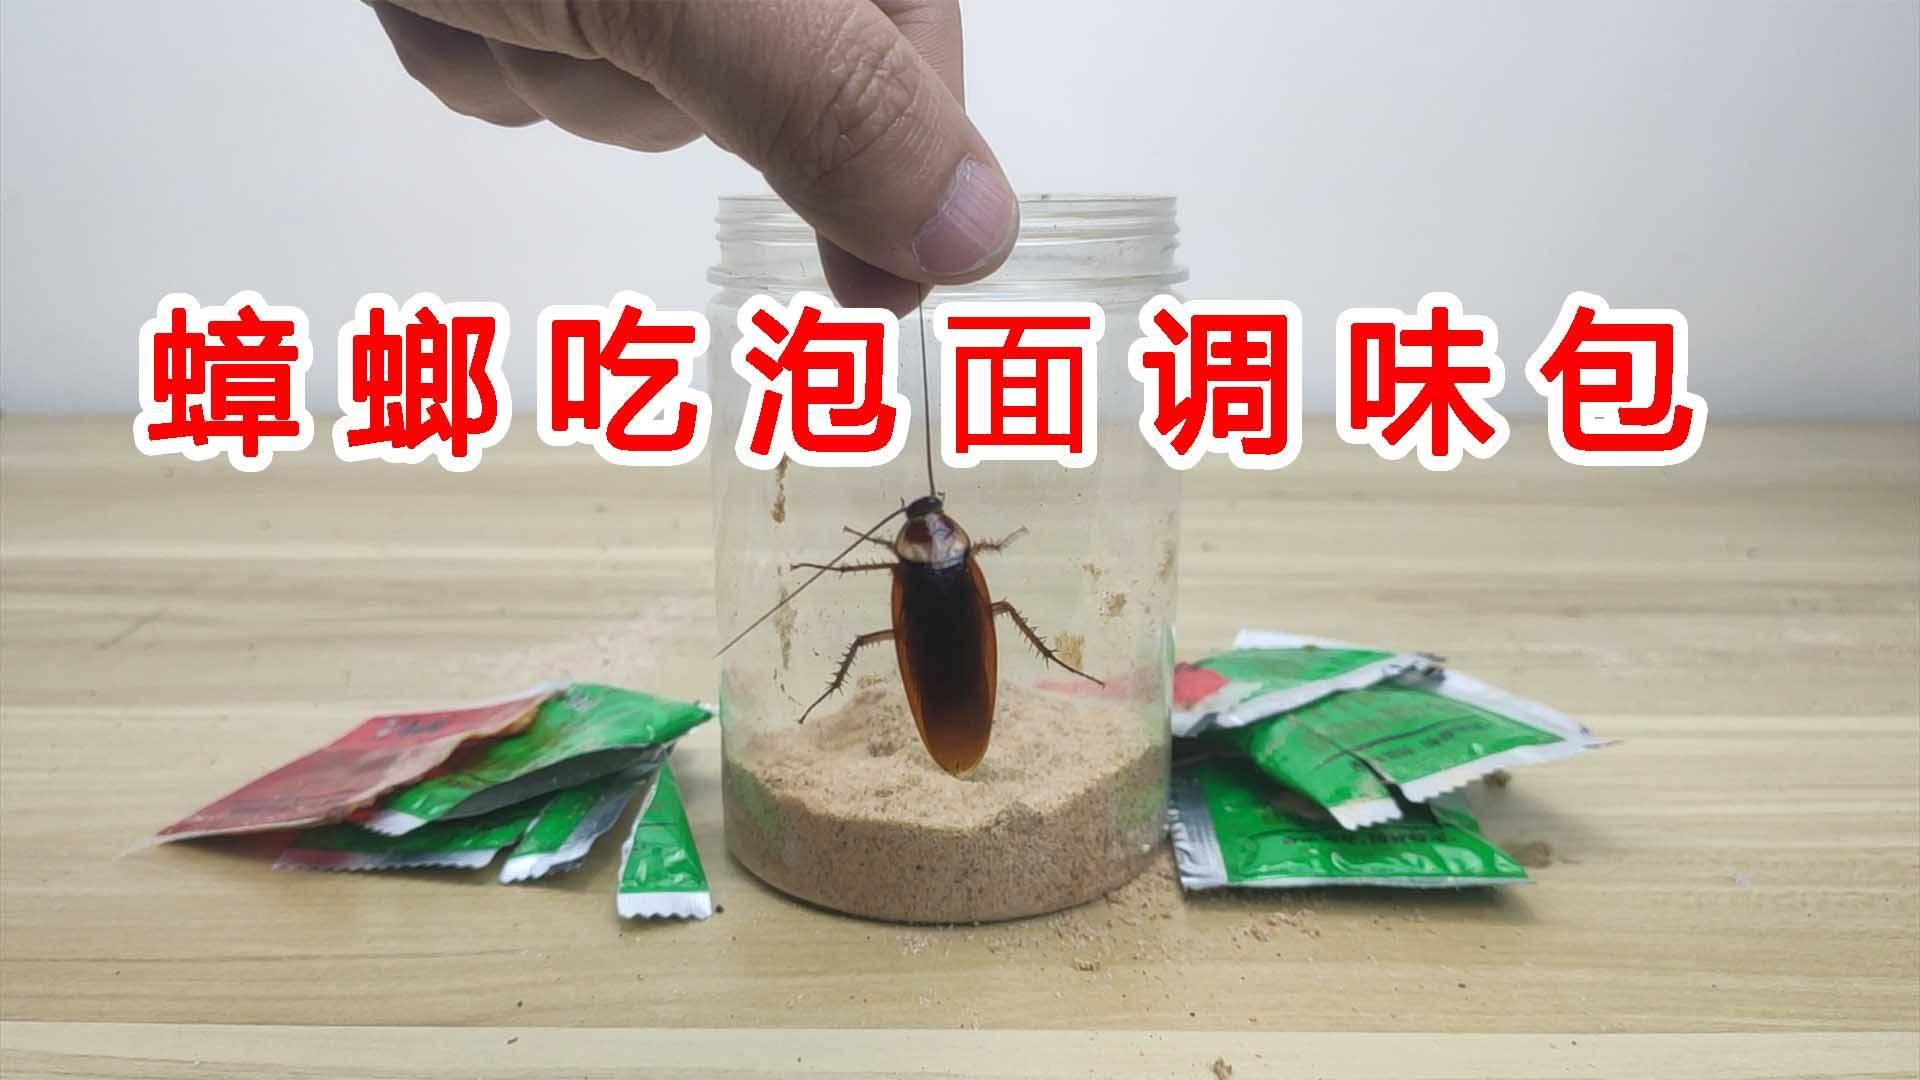 给蟑螂吃泡面调味包会怎么样?万万没想到如此重口味!